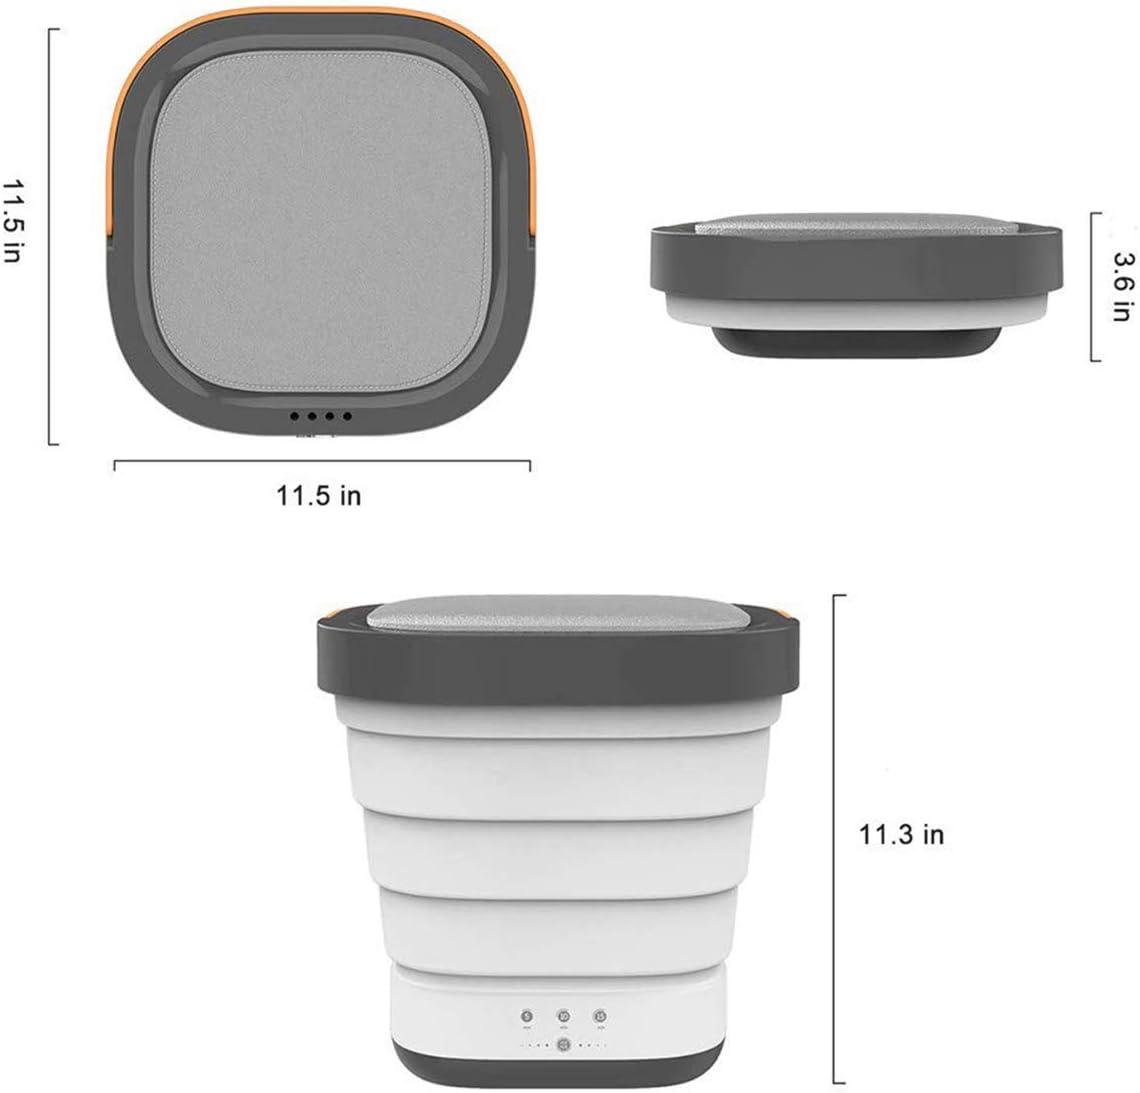 ORPERSIST Lavadora Pequeña, Mini Lavadora Plegable de Ropa Portátil con Temporizador & Capacidad Lavado 3 KG, Lavadora para Camping o Viajes,Rosado: Amazon.es: Hogar